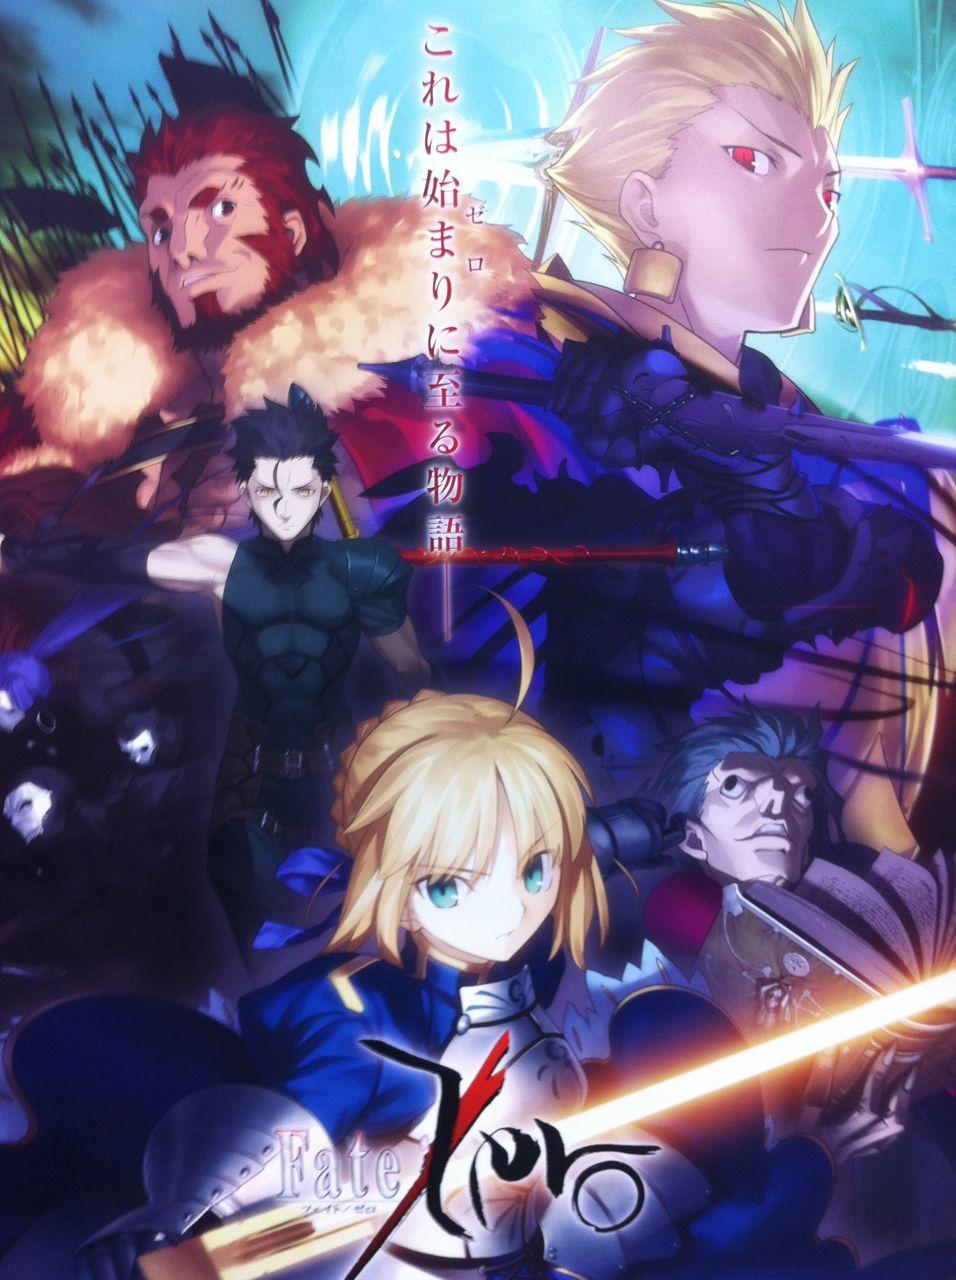 Fate Zero Blu Ray Disc Box ジャケットイラストのポスターがかっこよすぎる件 ガンプラ以外も好きすぎて辛い